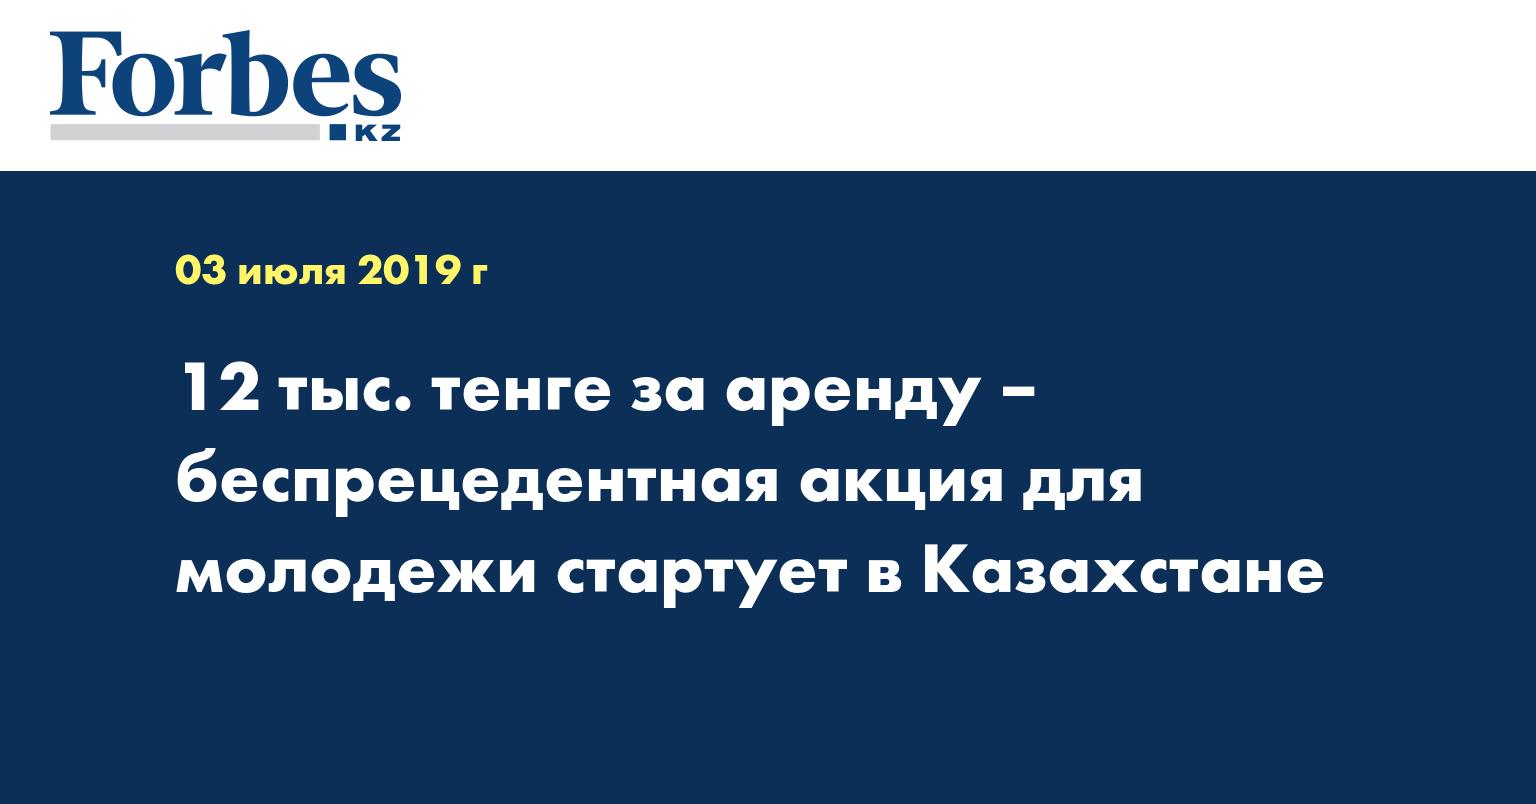 12 тыс. тенге за аренду – беспрецедентная акция для молодежи стартует в Казахстане